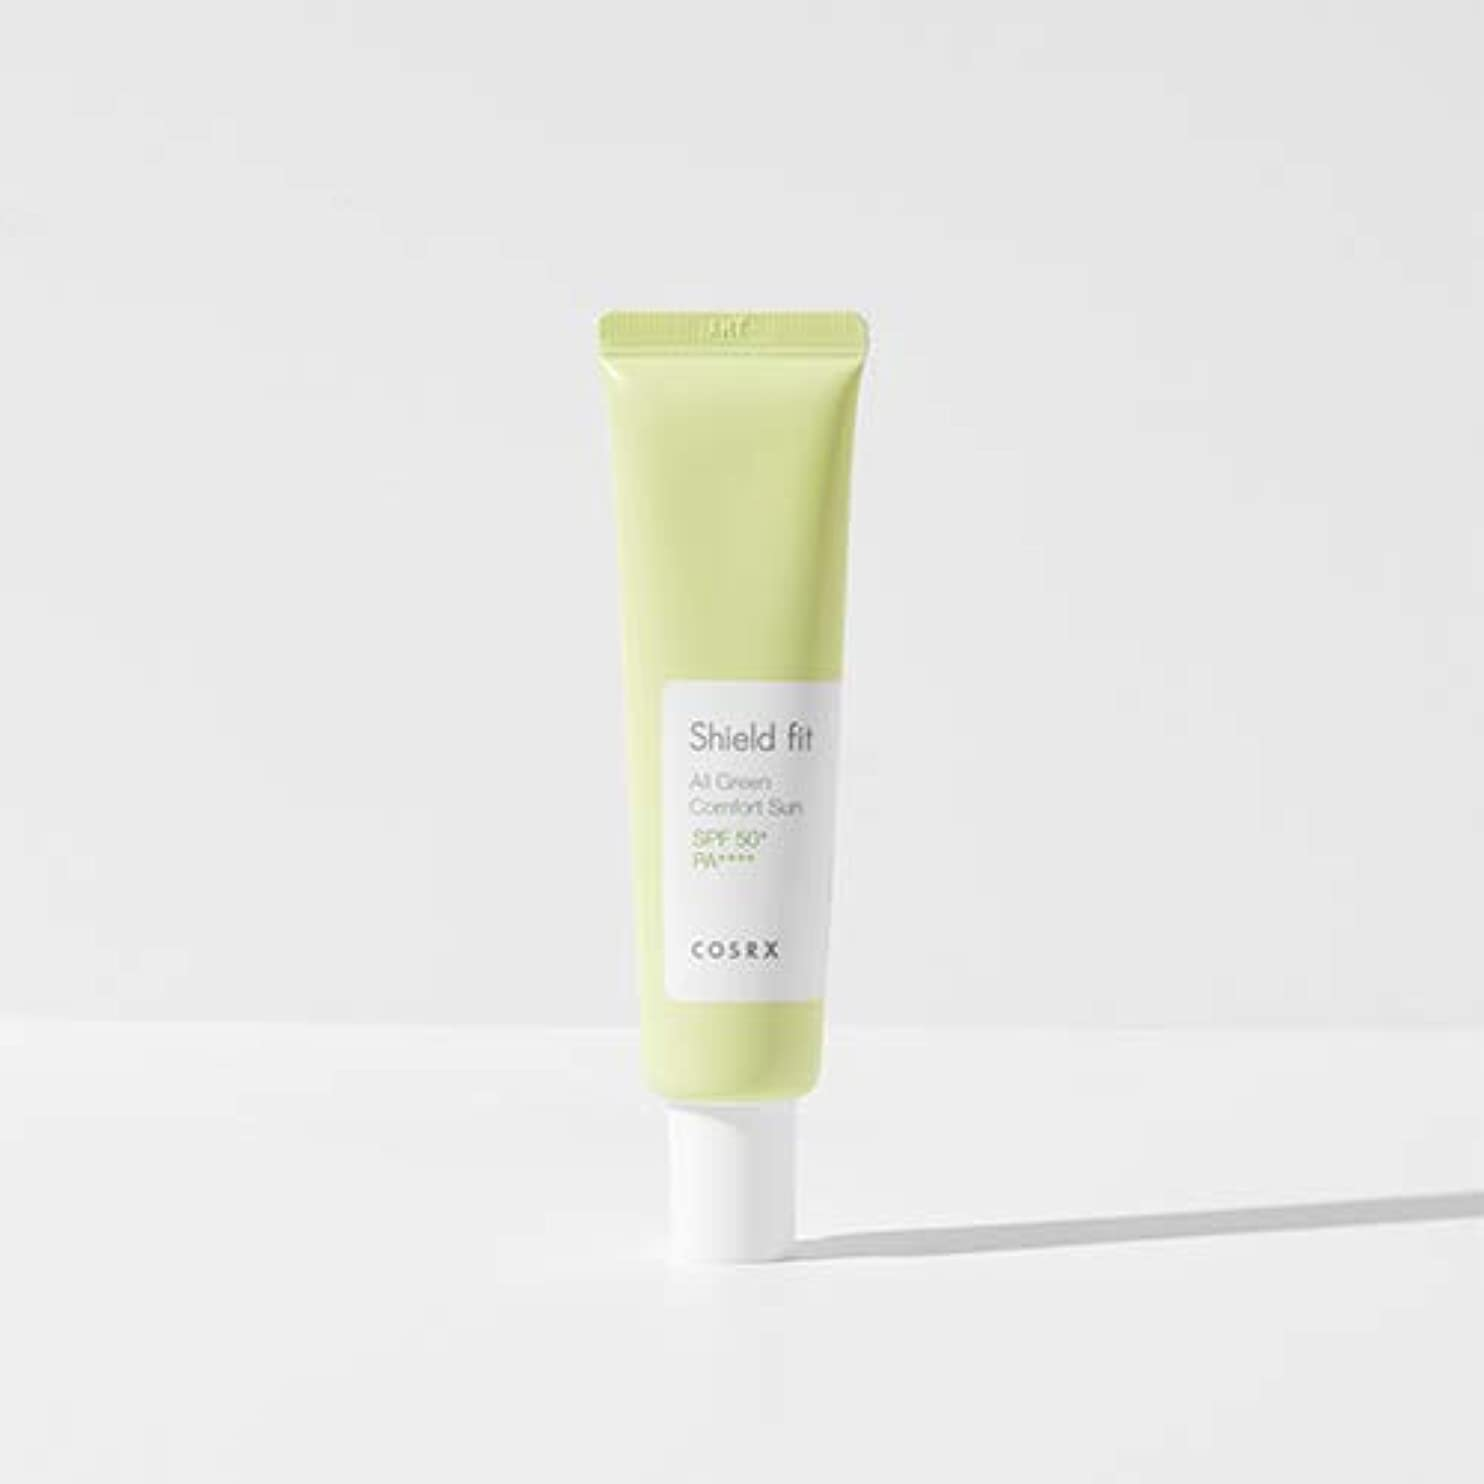 食品おもしろいチャーミングCOSRX シールド フィット オール グリーン コンフォート サン(無機系)/Shield fit All Green Comfort Sun (35ml) [並行輸入品]